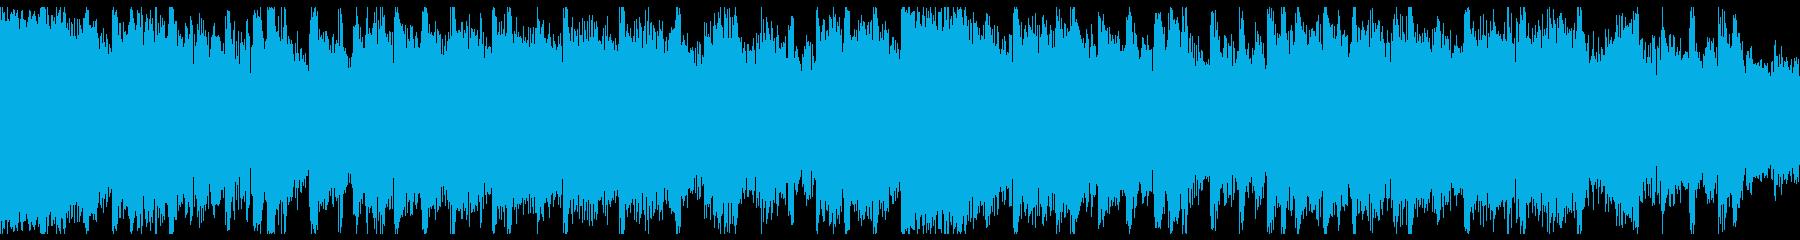 軽快でオシャレなEDM(15秒・②)の再生済みの波形